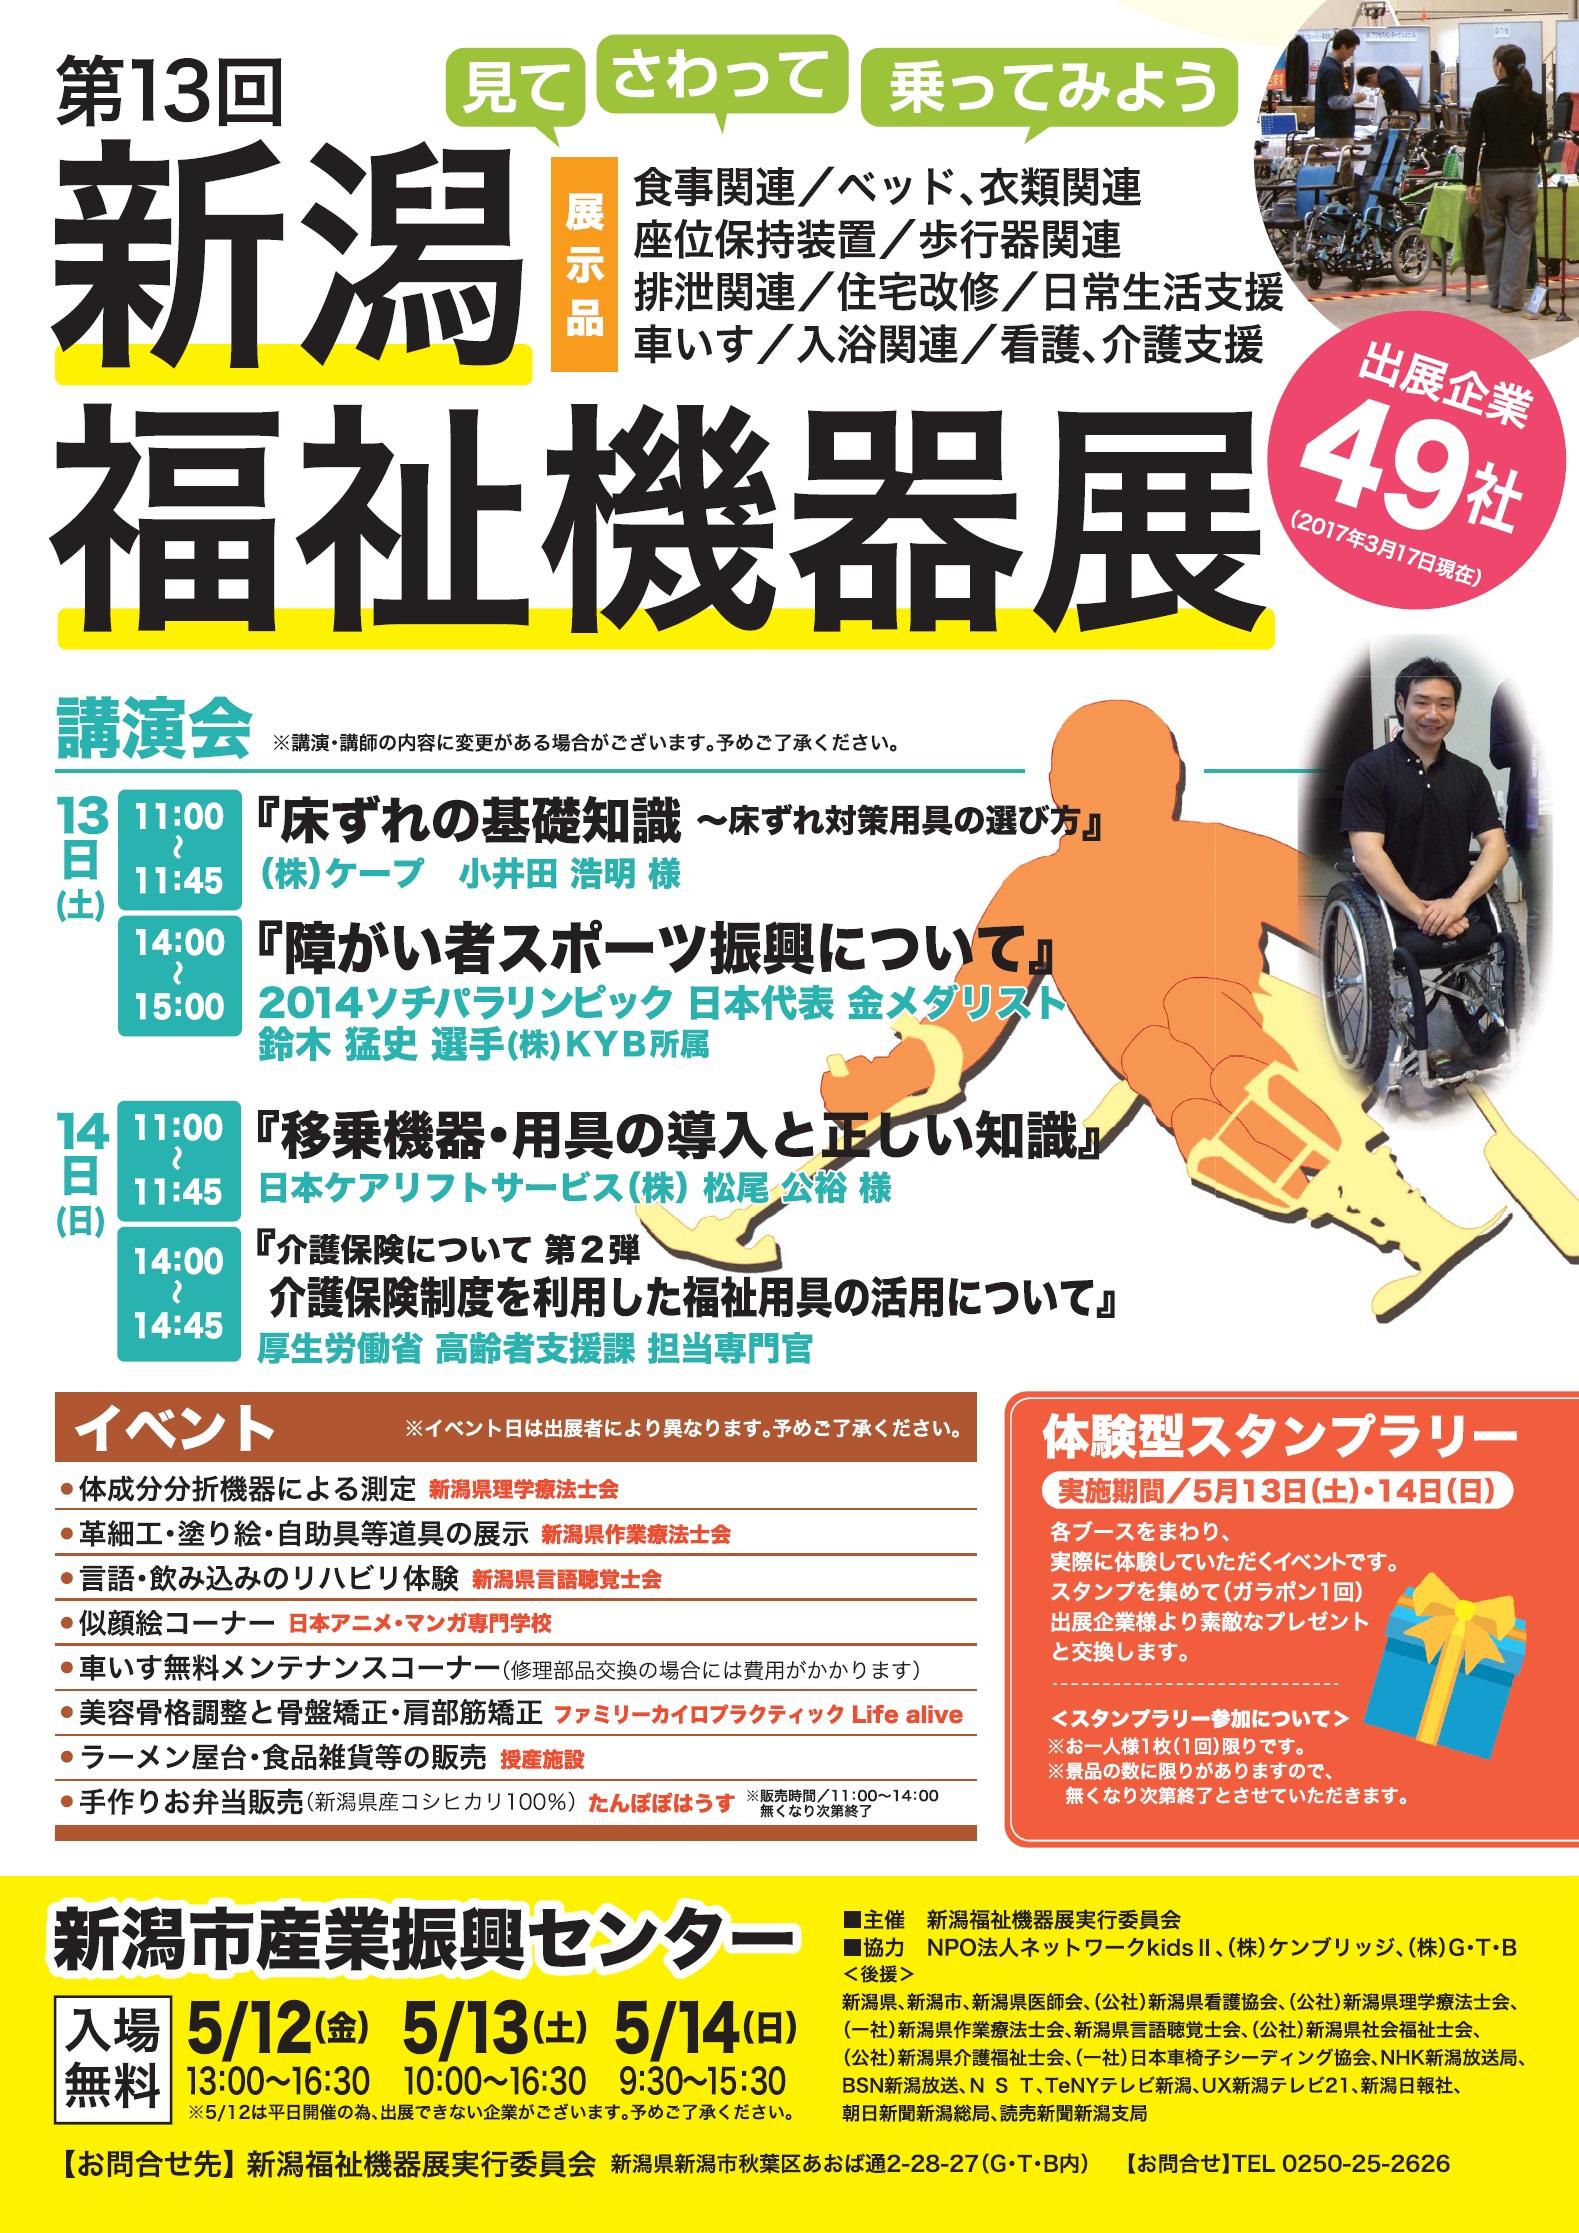 新潟福祉機器展2017